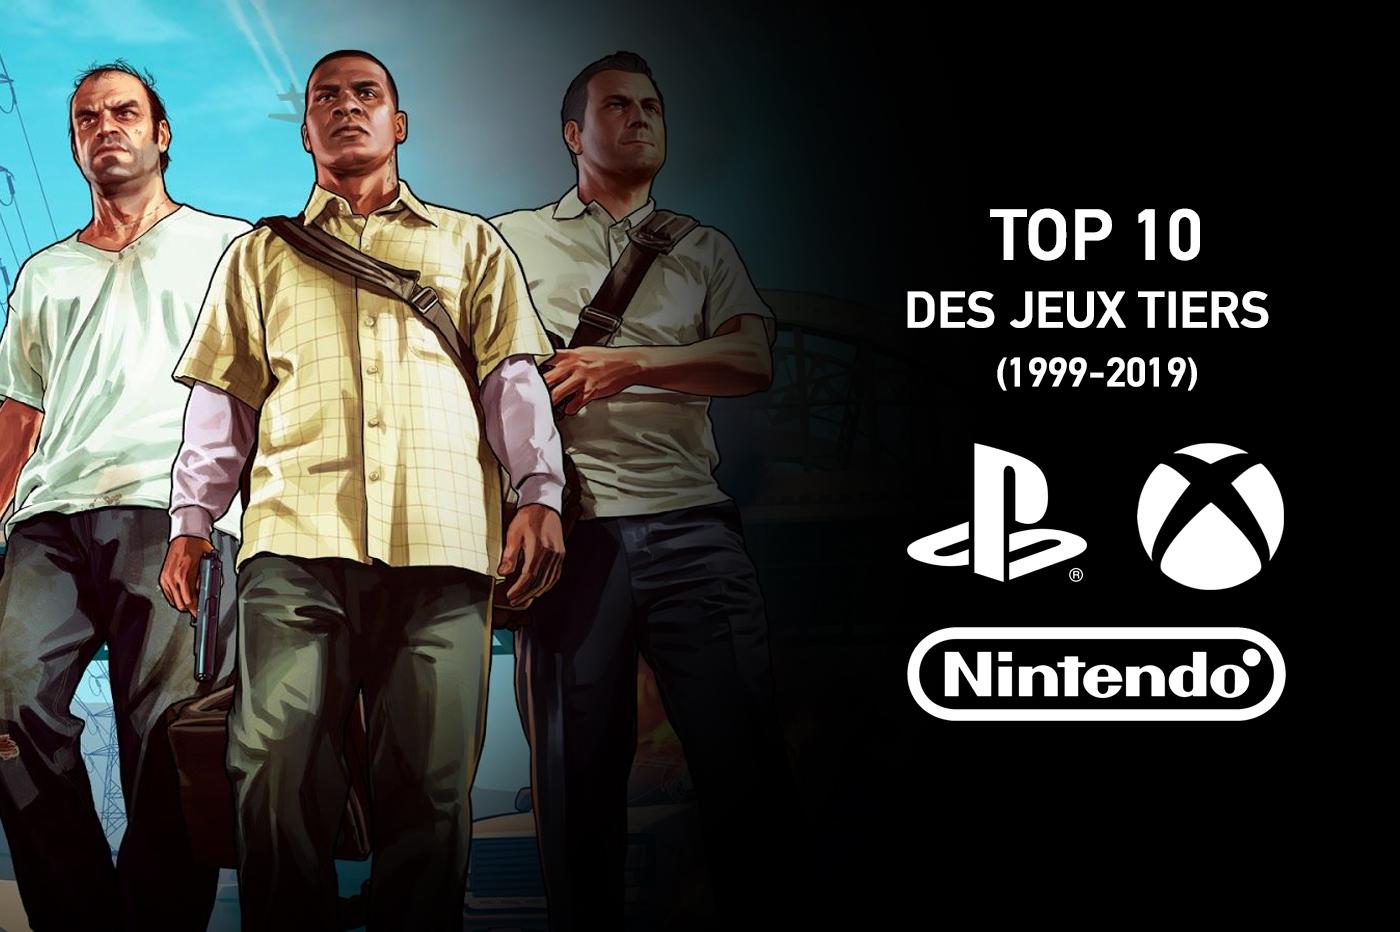 Top 10 ventes Jeux tiers 20 dernières années